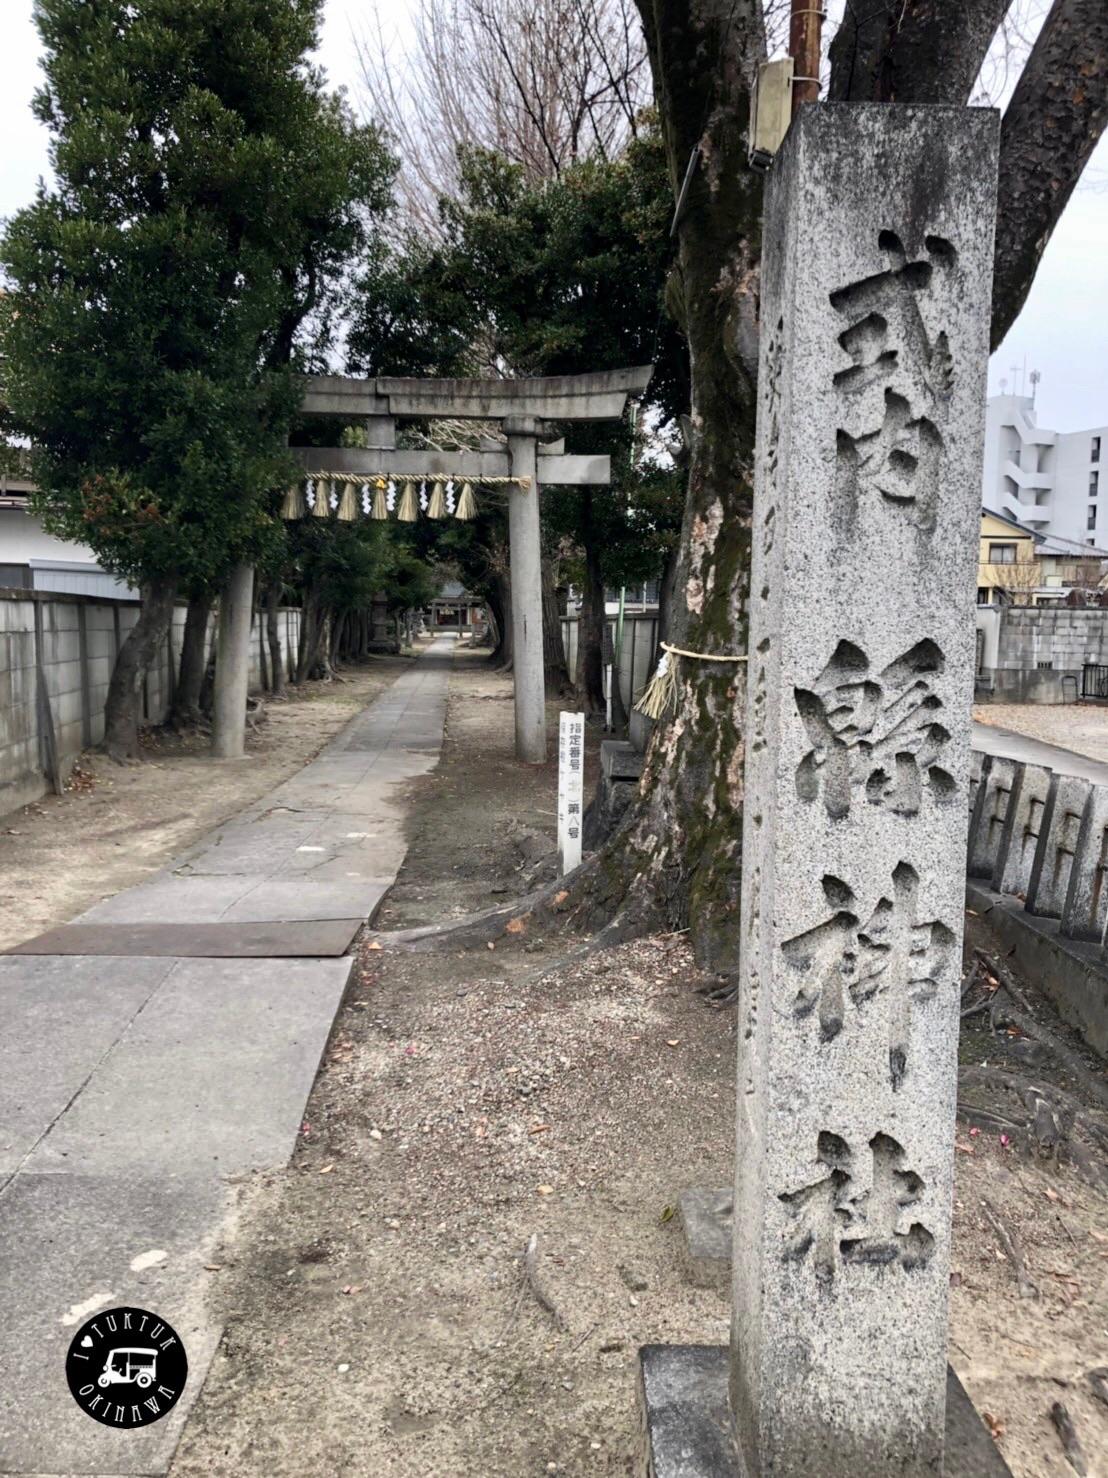 綿神社(わたじんじゃ)